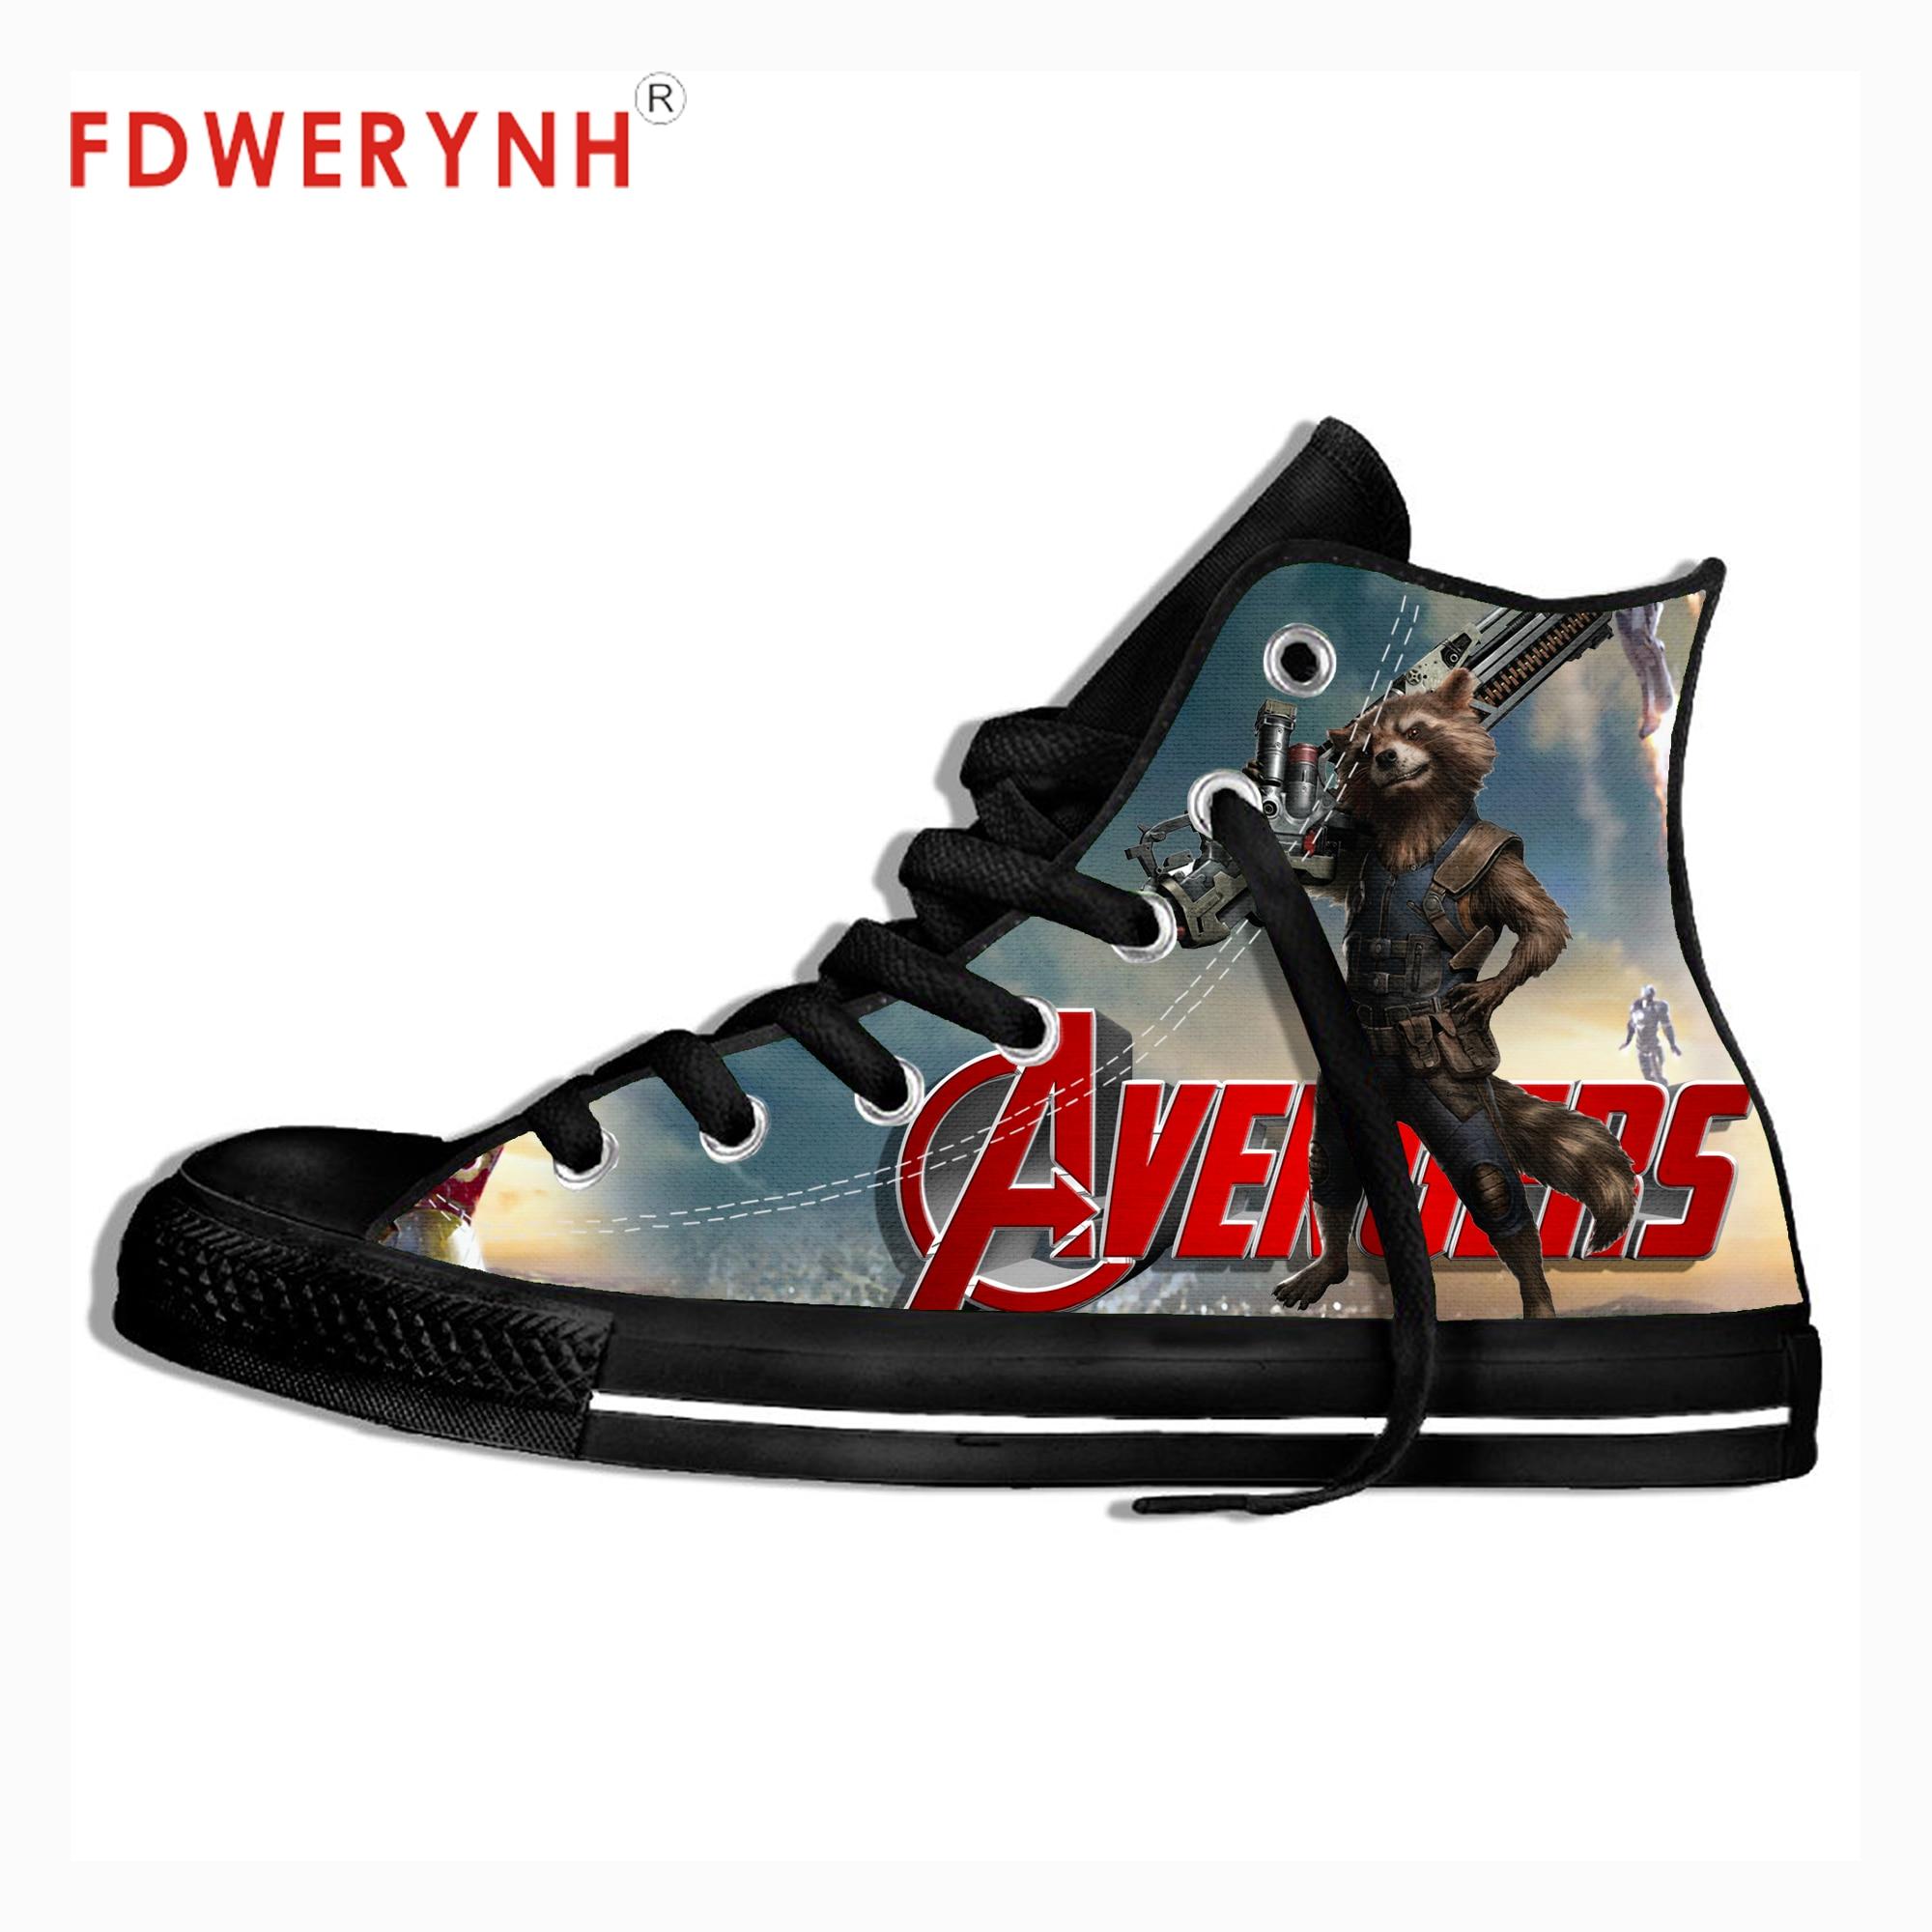 Les gardiens de La Galaxie Rocket Raccoon homme Impression Sur Toile Cheville Chaussures décontracté En Plein Air Sport Baskets Punk Chaussures